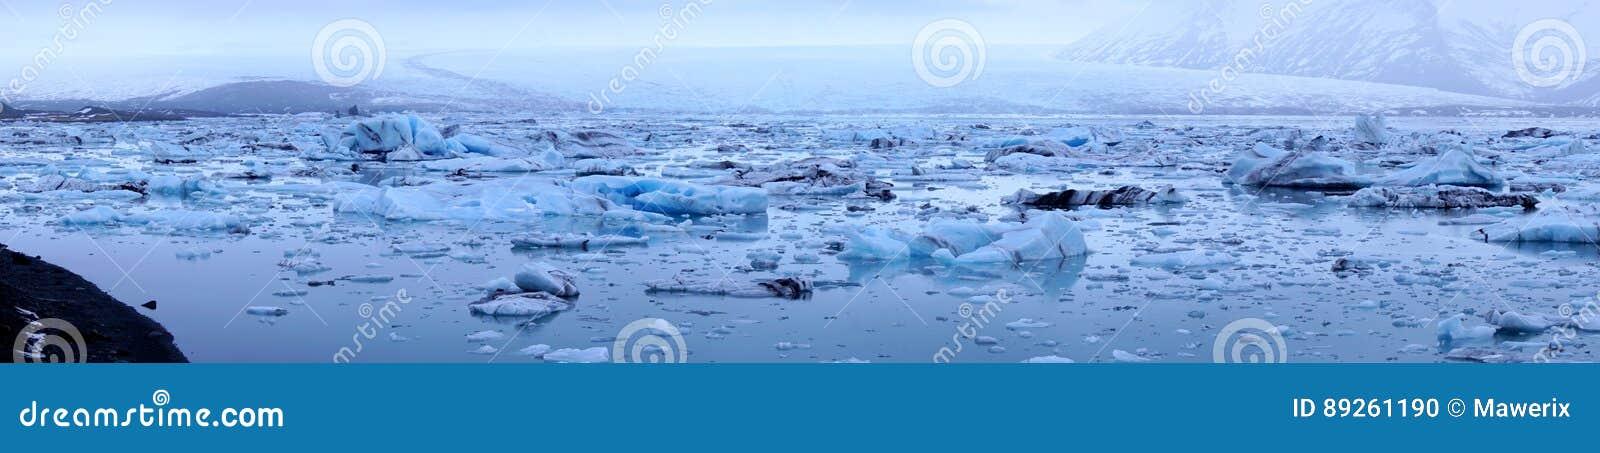 Ghiacciai del ghiaccio